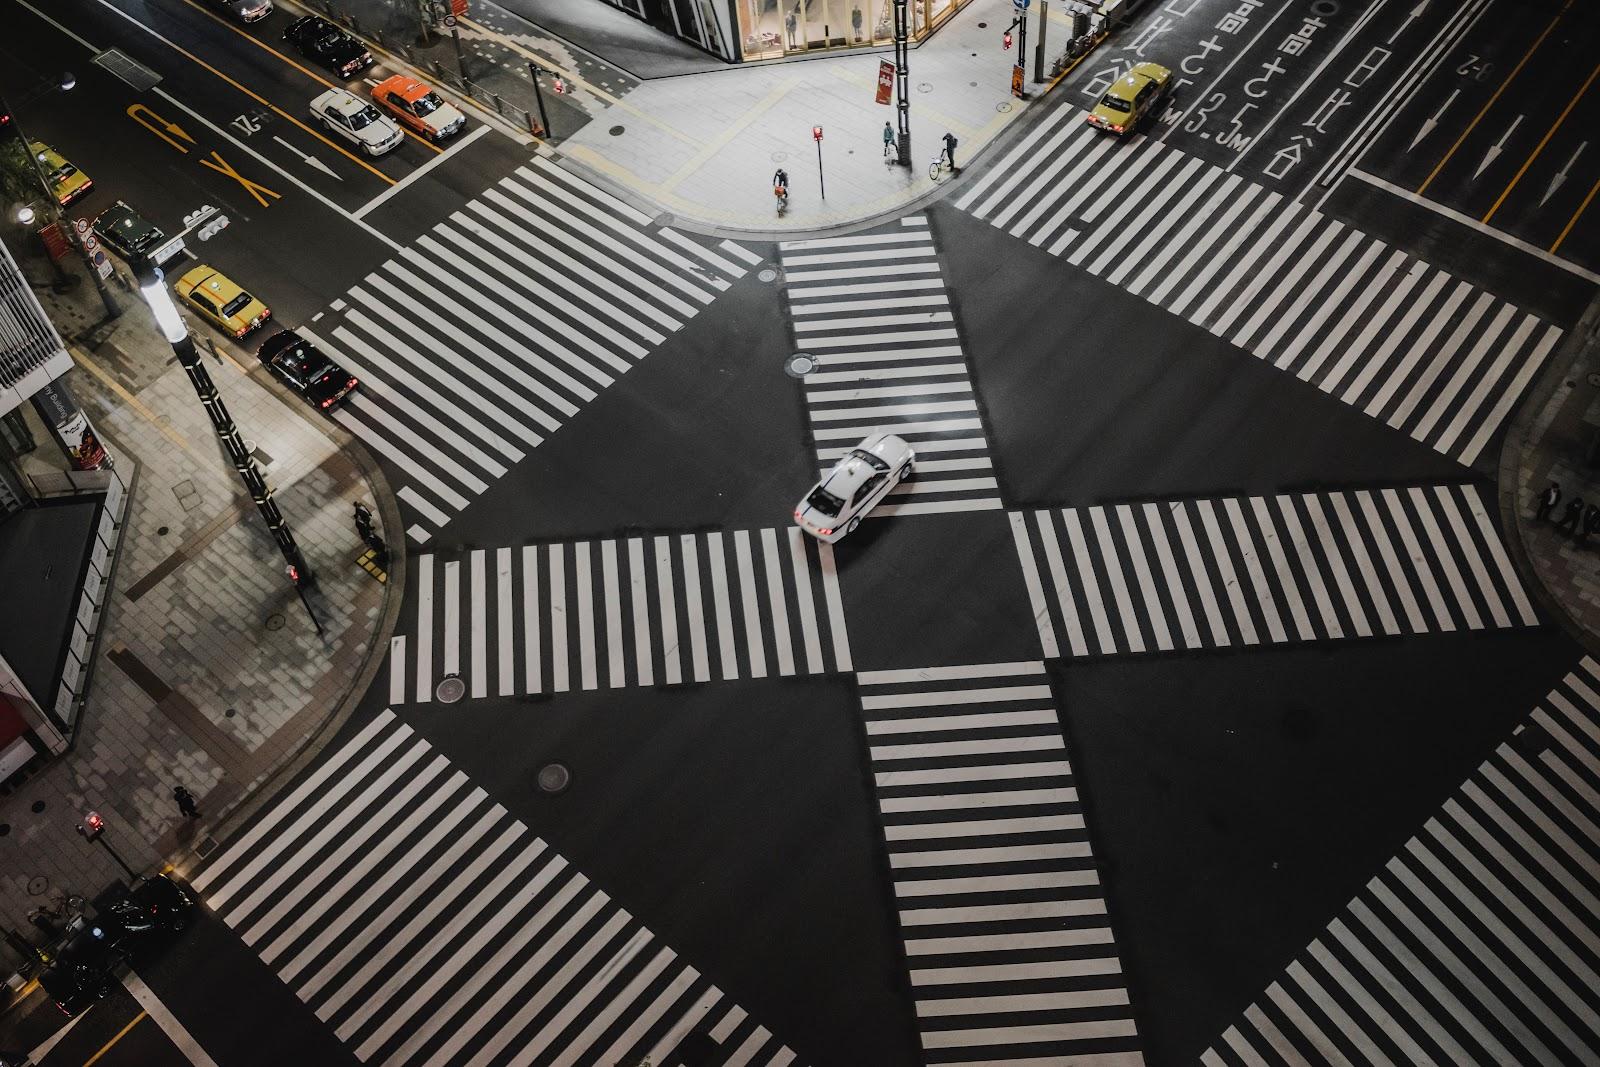 Big Data e IoT influenciam até o controle do trafégo urbano. (Fonte: Unsplash)